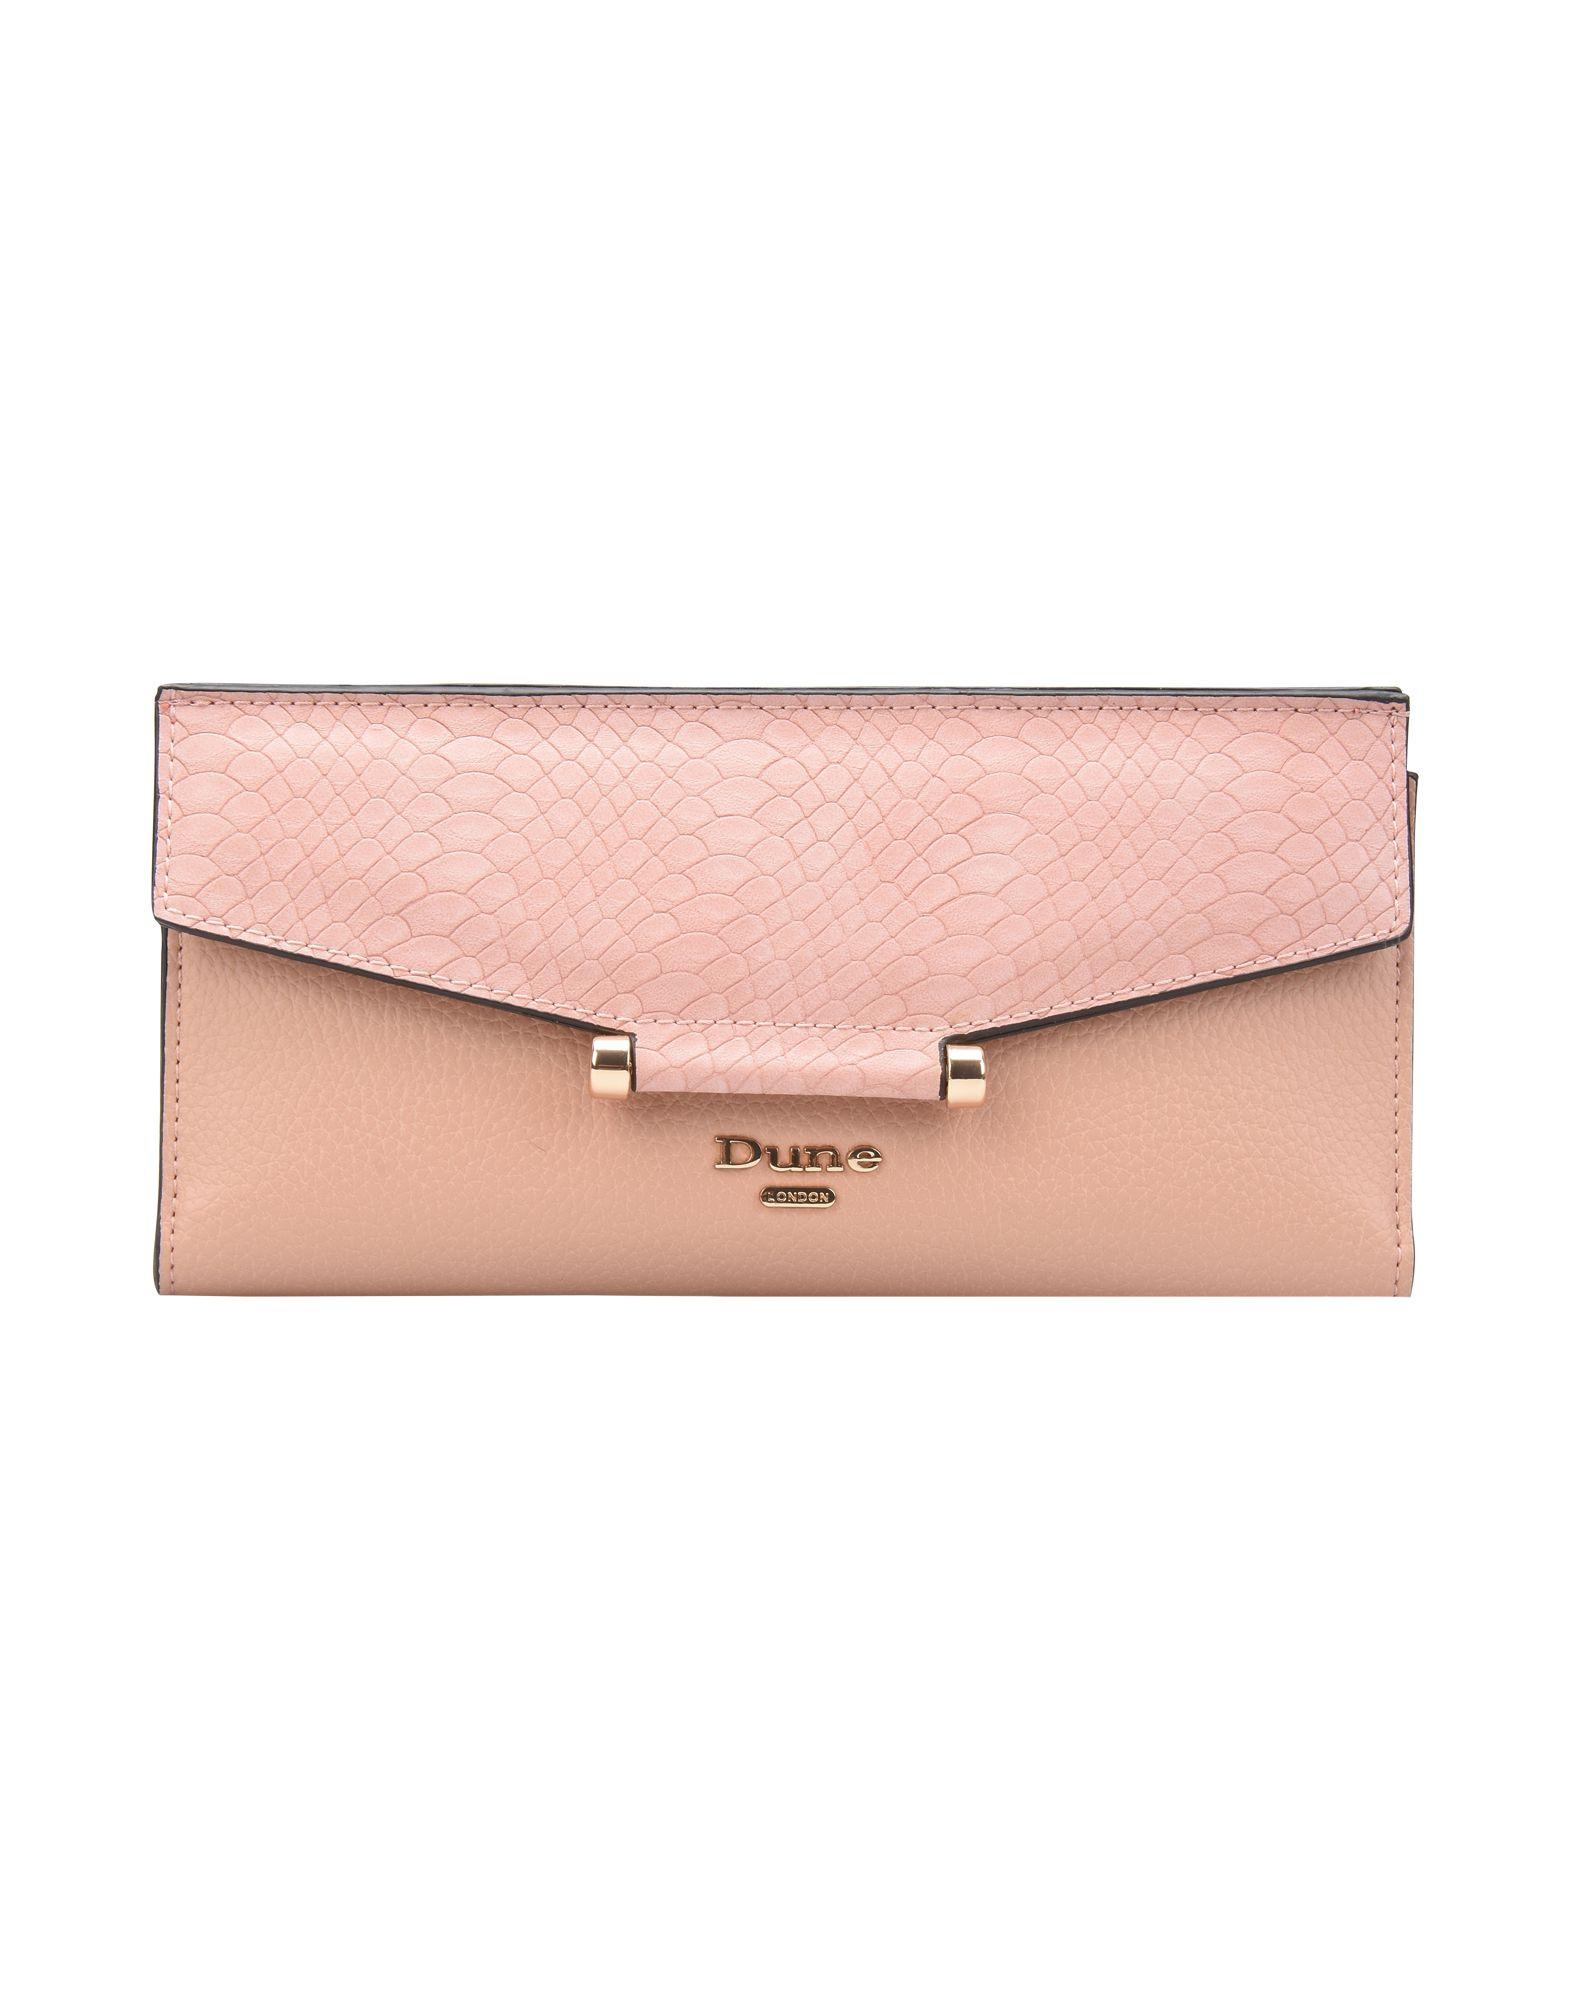 《送料無料》DUNE London レディース 財布 ローズピンク 紡績繊維 100% KATHEY